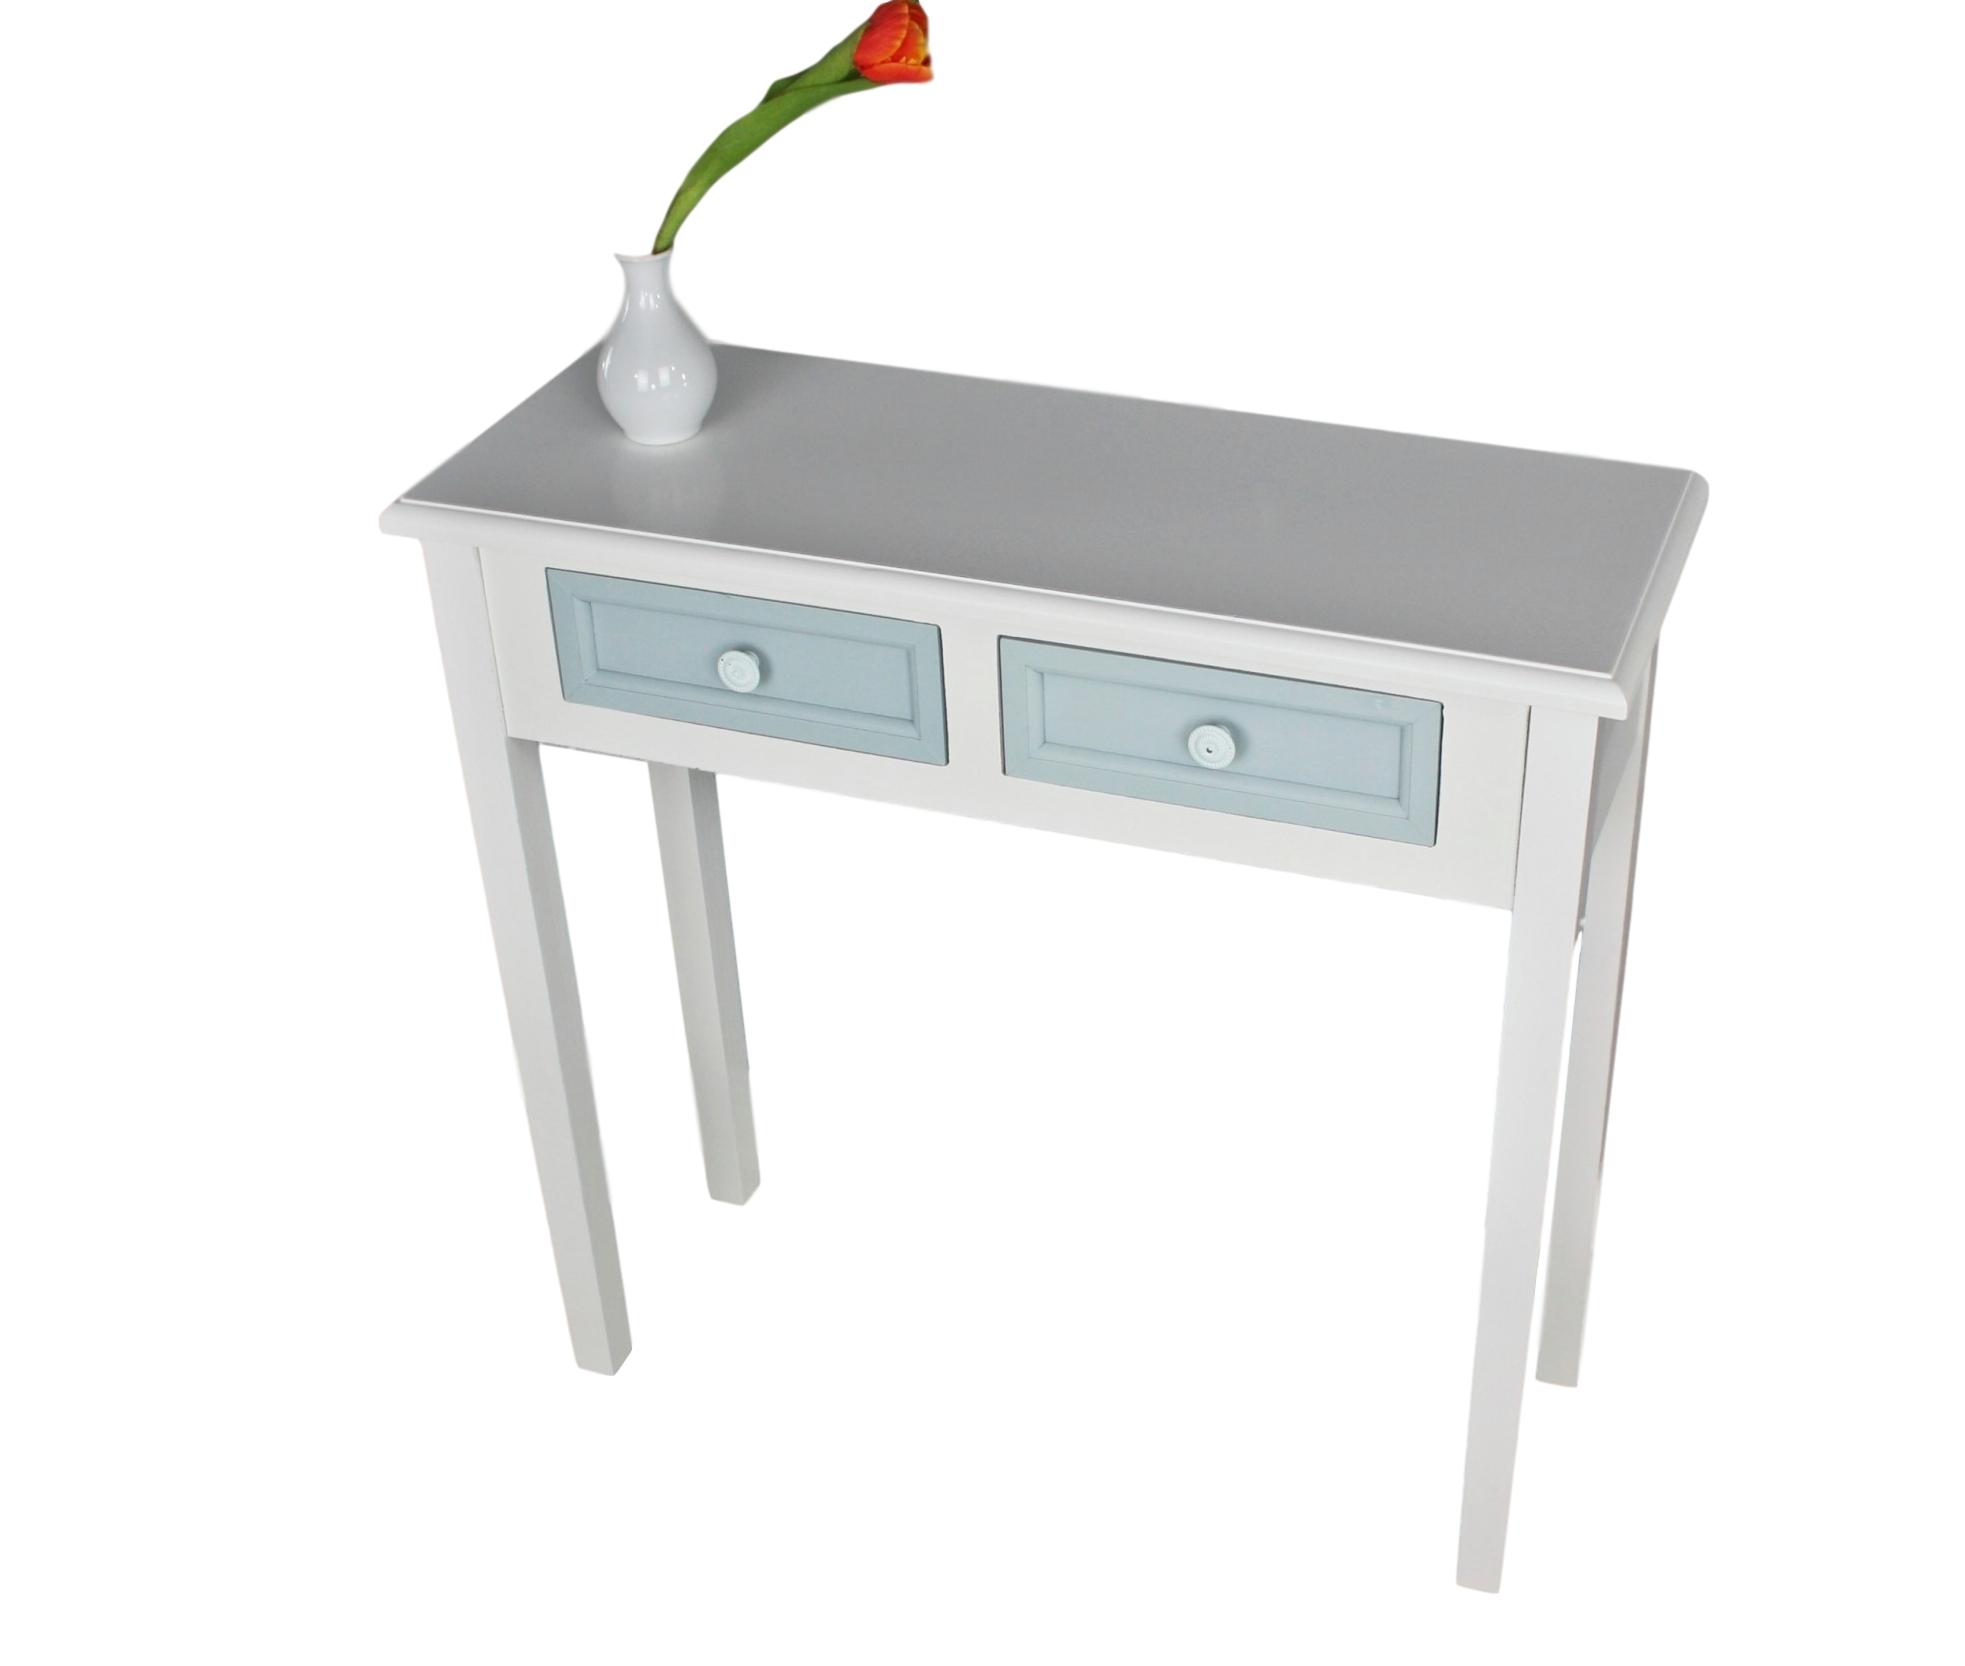 Konsole 2 Schubladen weiß blau | günstige Landhausmöbel online ...